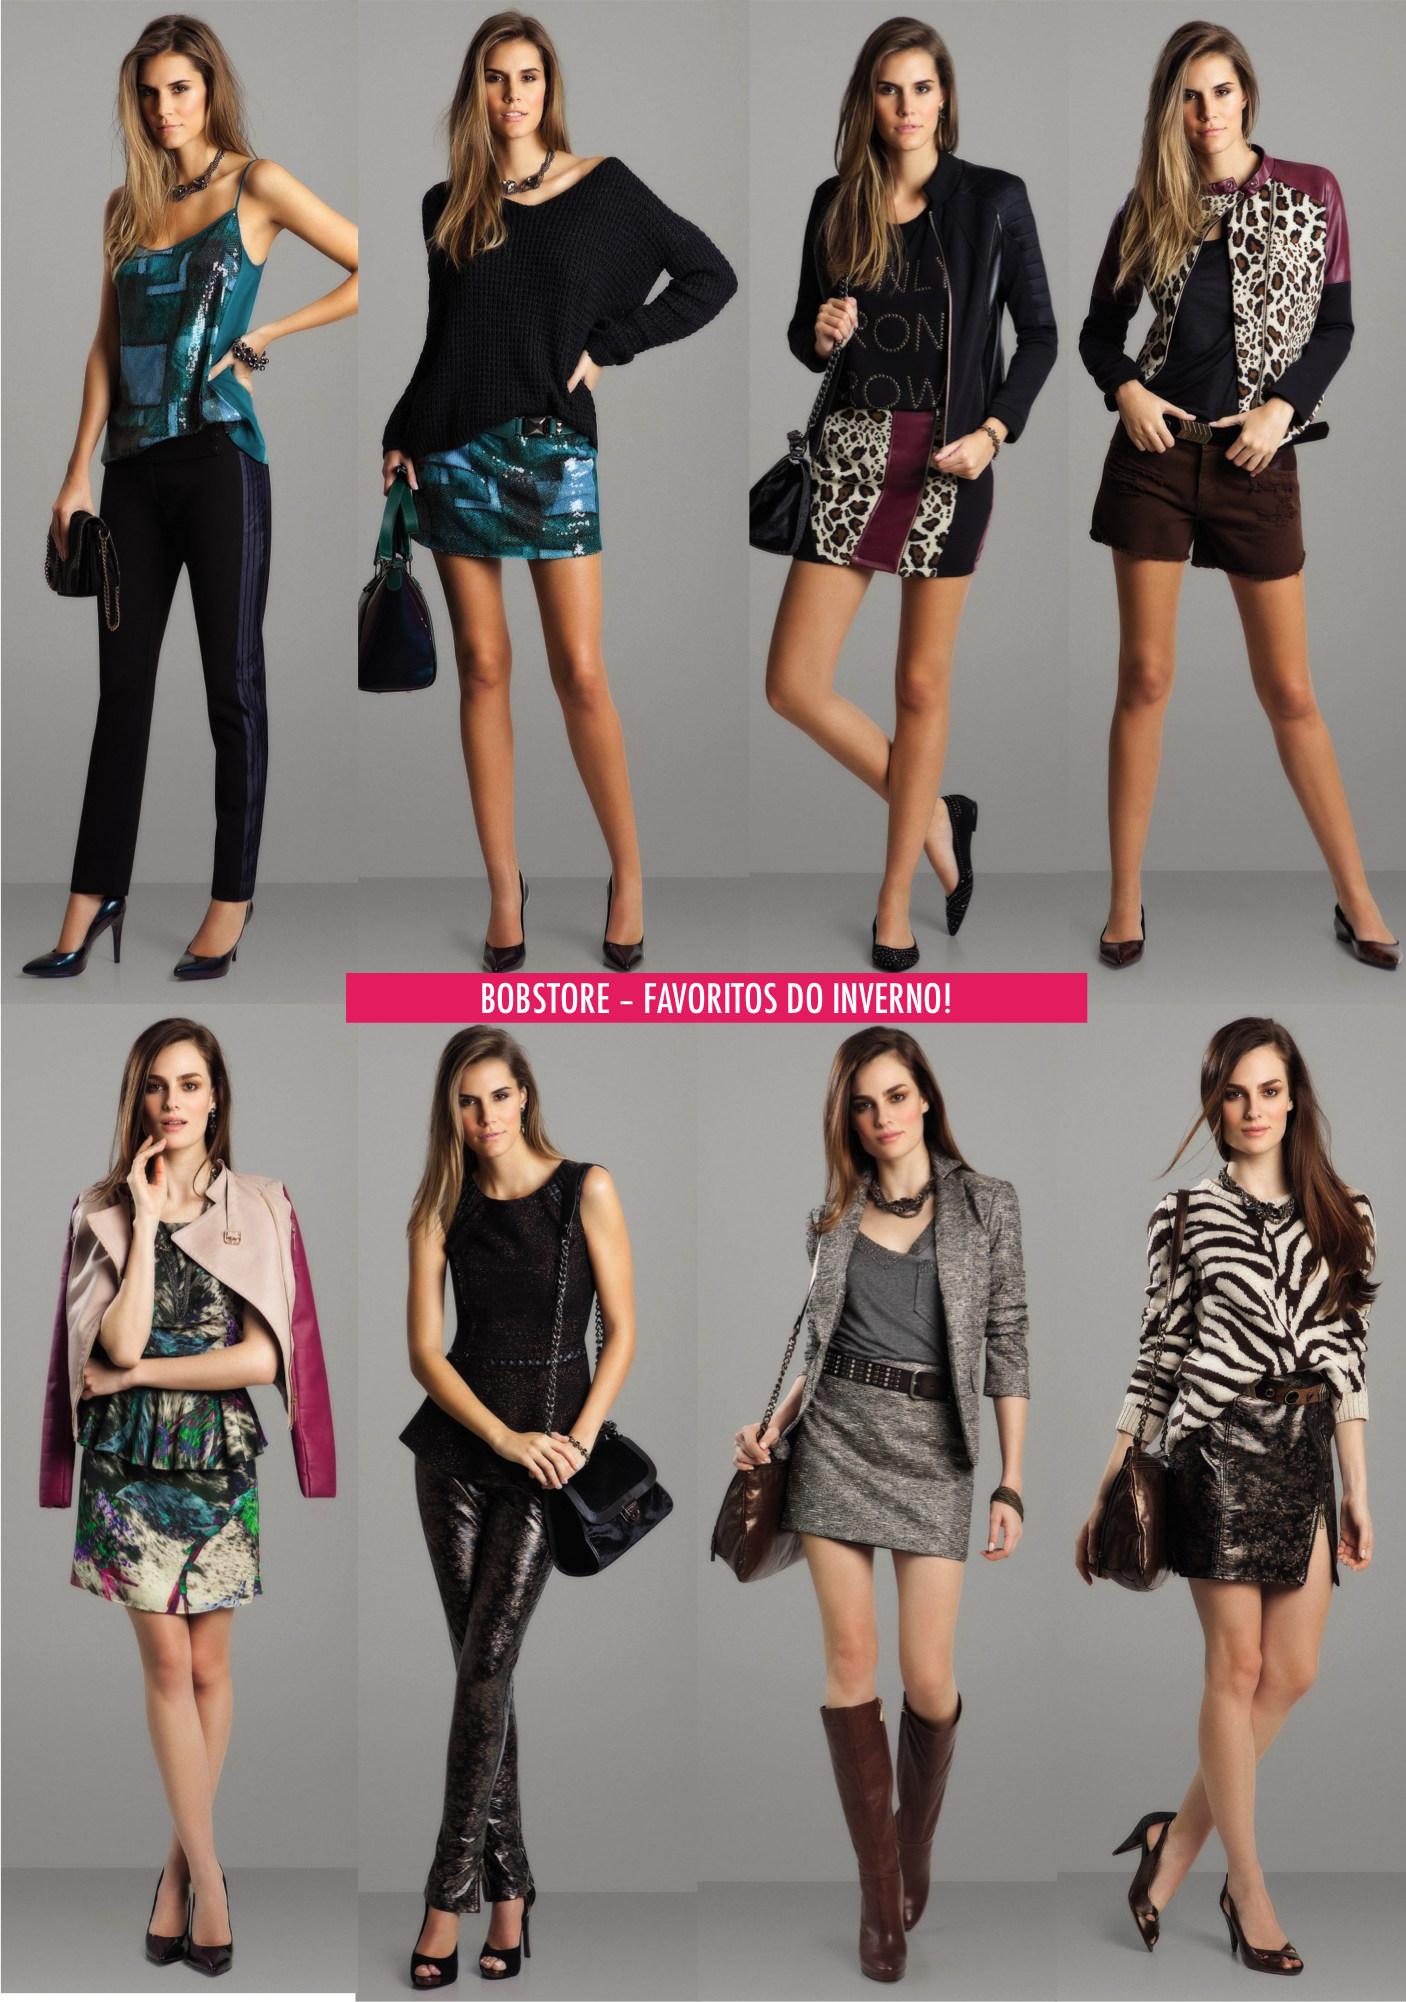 7ab9edb380bf9 Publicidade Archives - Página 102 de 147 - Fashionismo